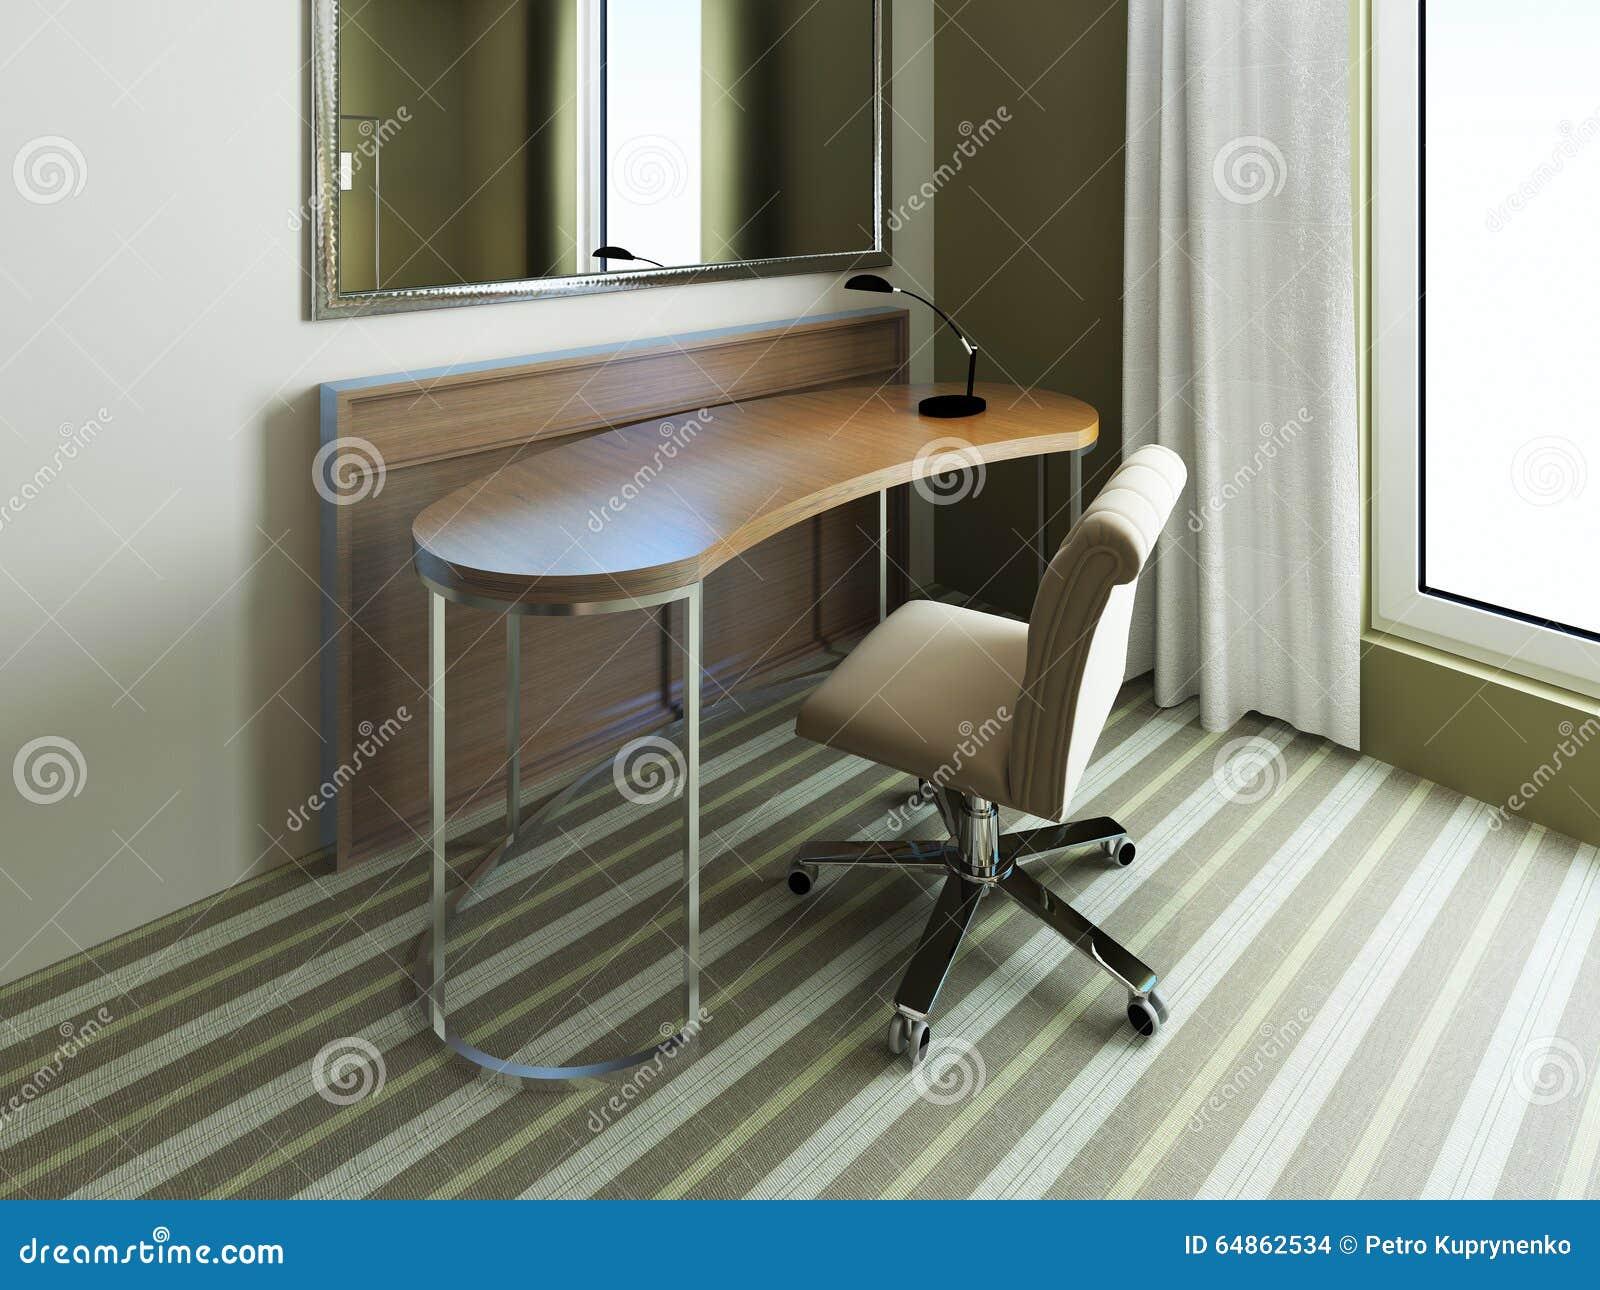 Kleine Tabelle Nahe Spiegel Im Schlafzimmer Stockfoto - Bild von ...